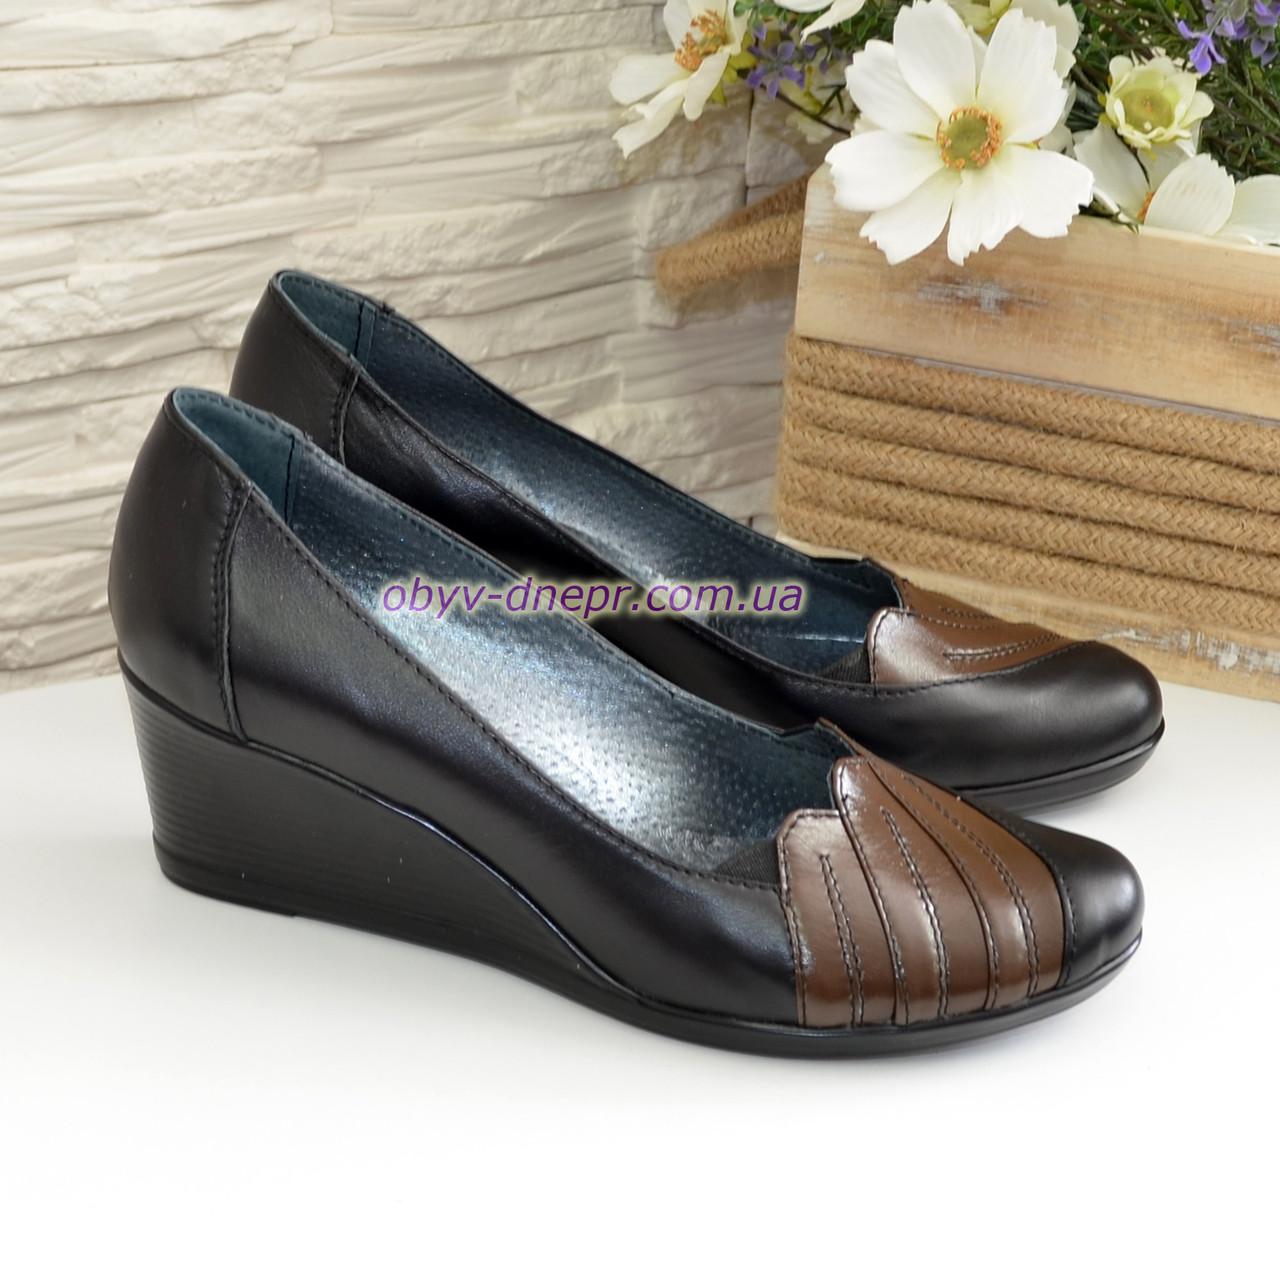 """Кожаные женские туфли с вставками из коричневой кожи на танкетке. ТМ """"Maestro"""""""